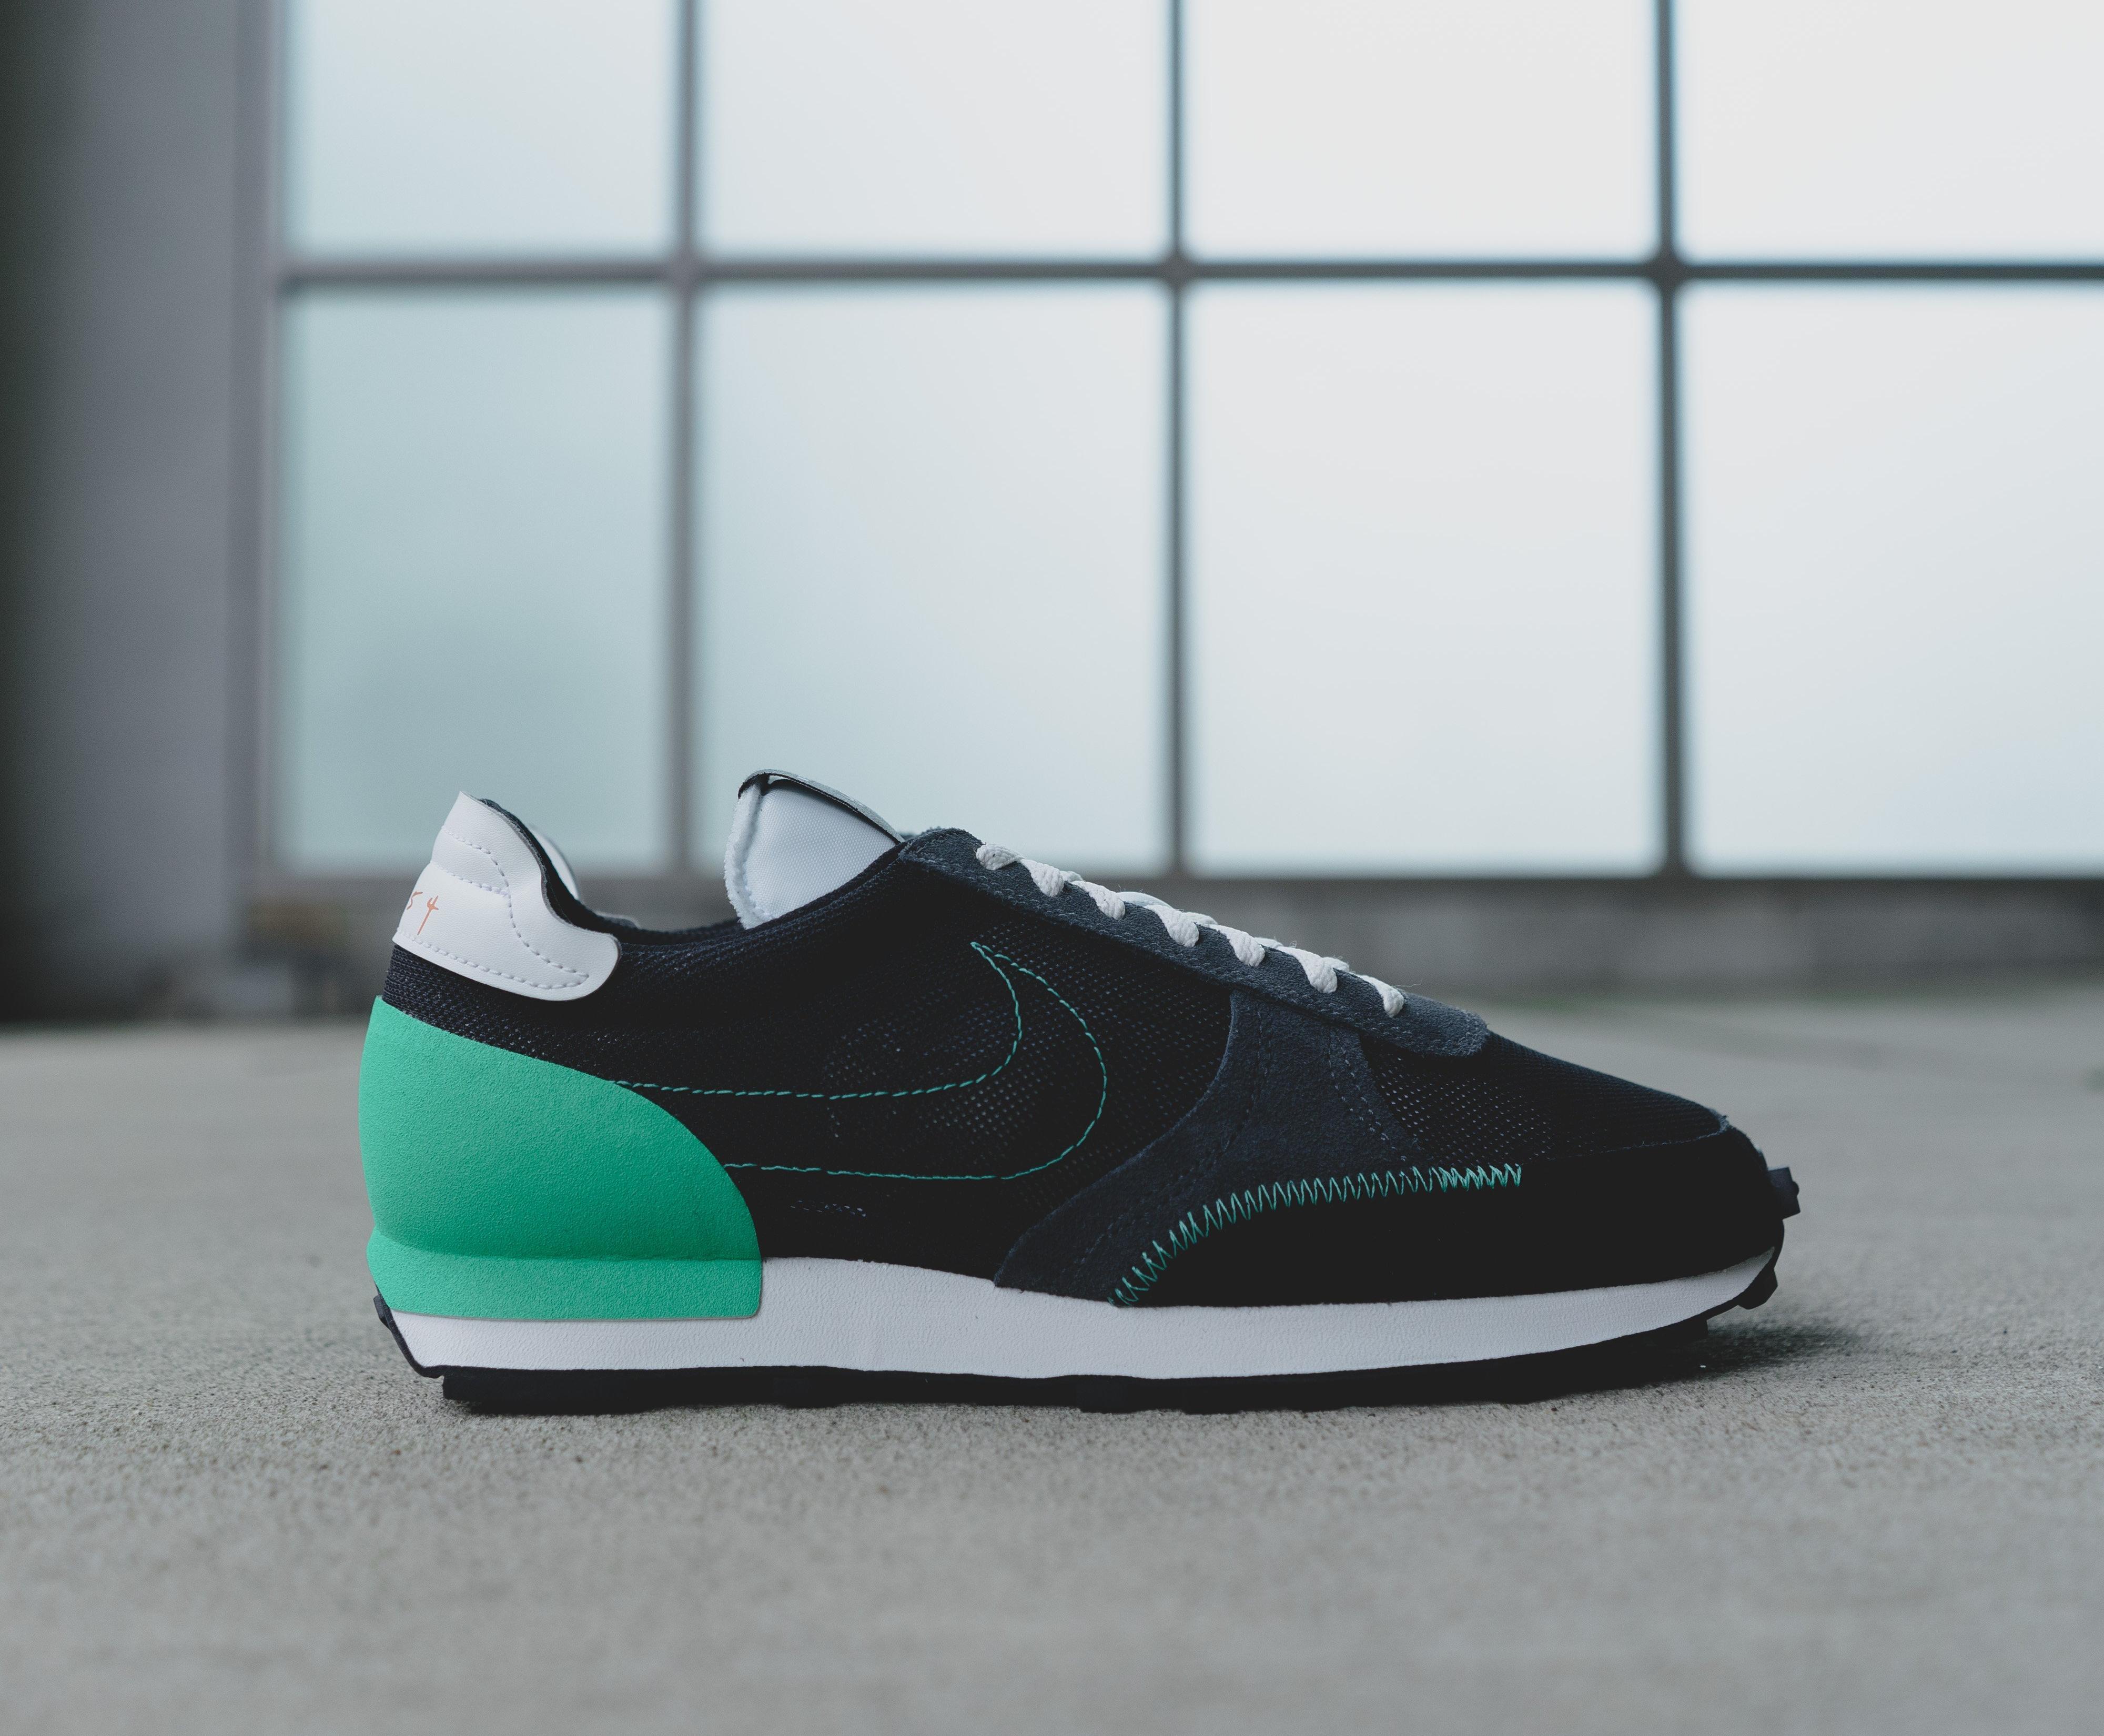 """Sneakers Release – Nike Daybreak """"Black/Menta"""" and """"Summit ..."""